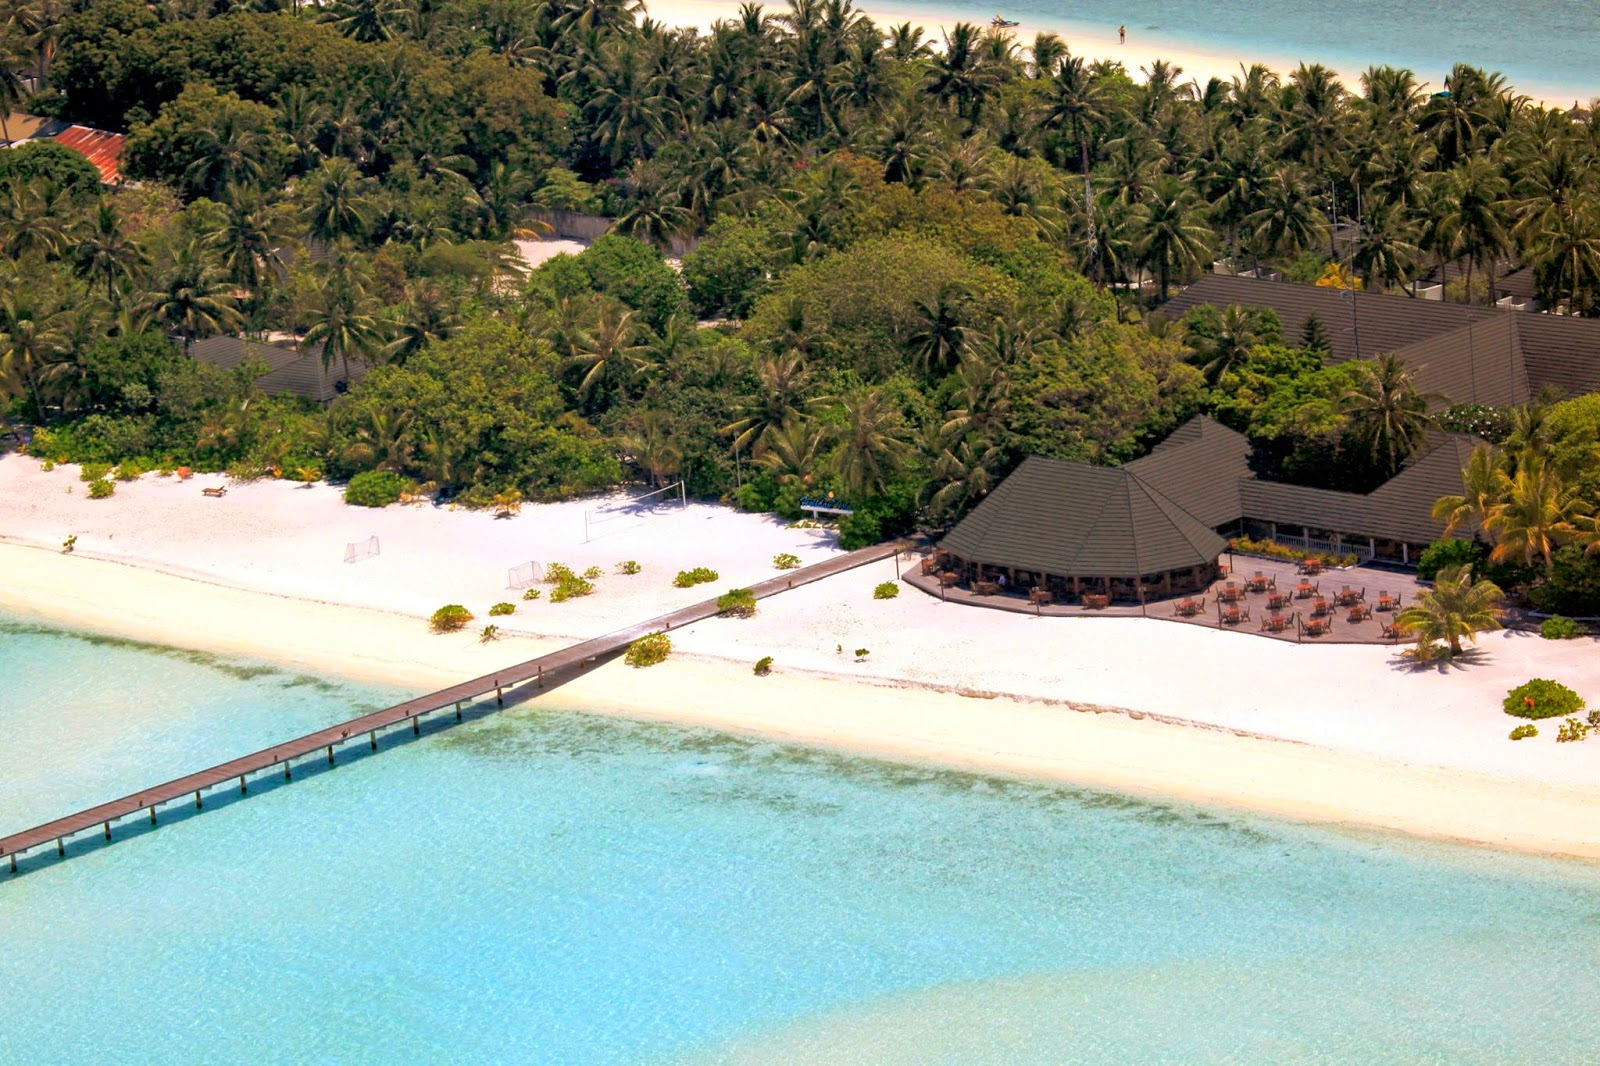 Malediven Reisen Blog: Malediven Urlaub im Holiday Island ...